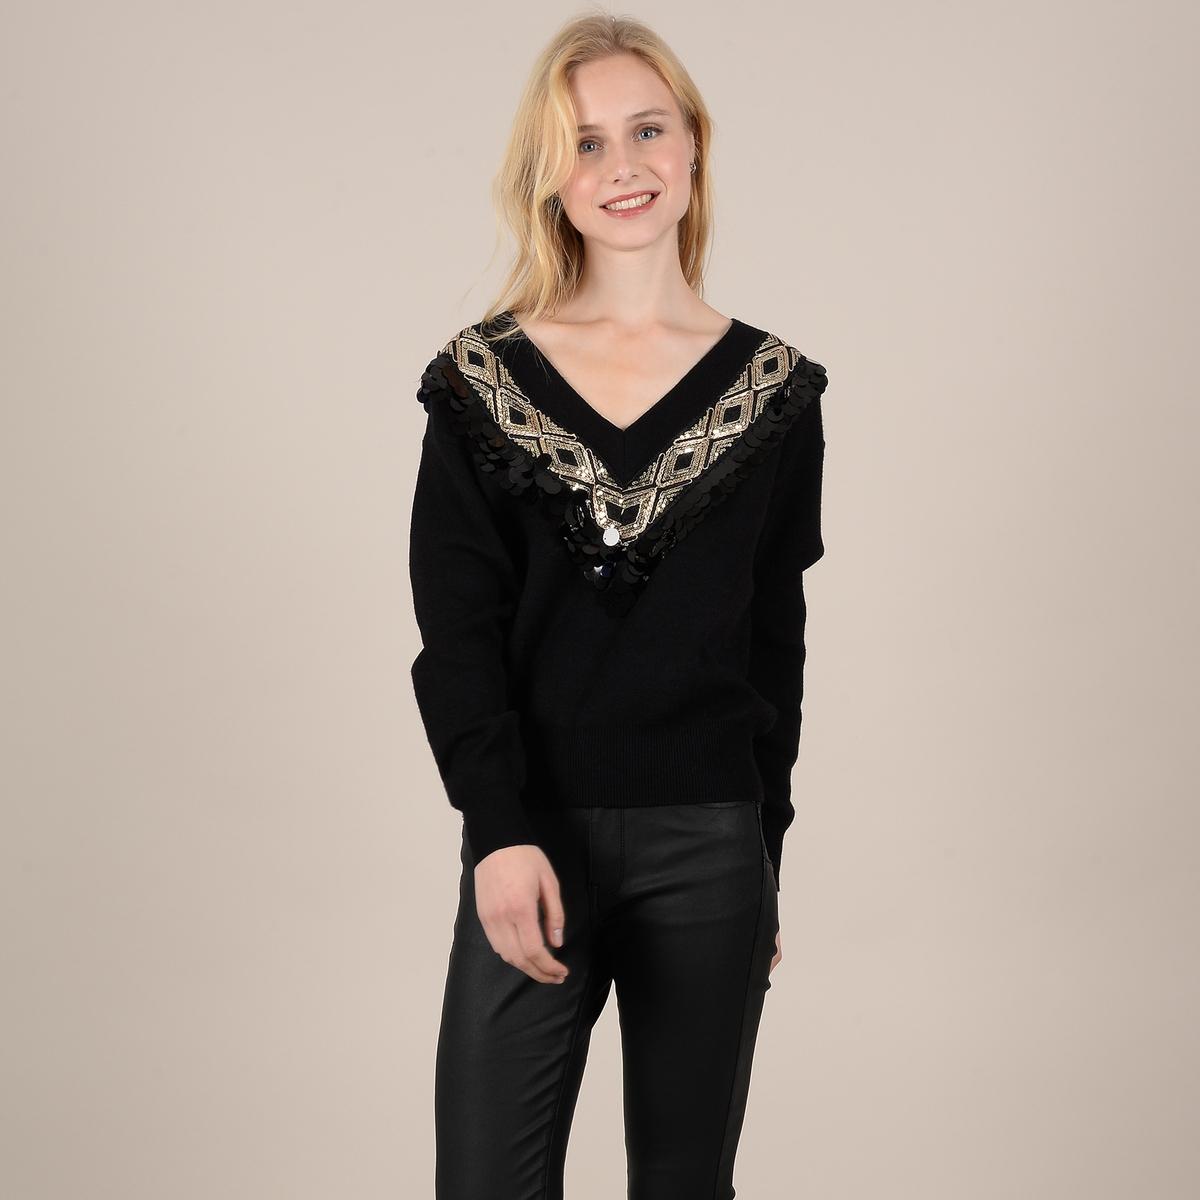 Пуловер La Redoute С V-образным вырезом с блестками и бусинами M черный цена 2017